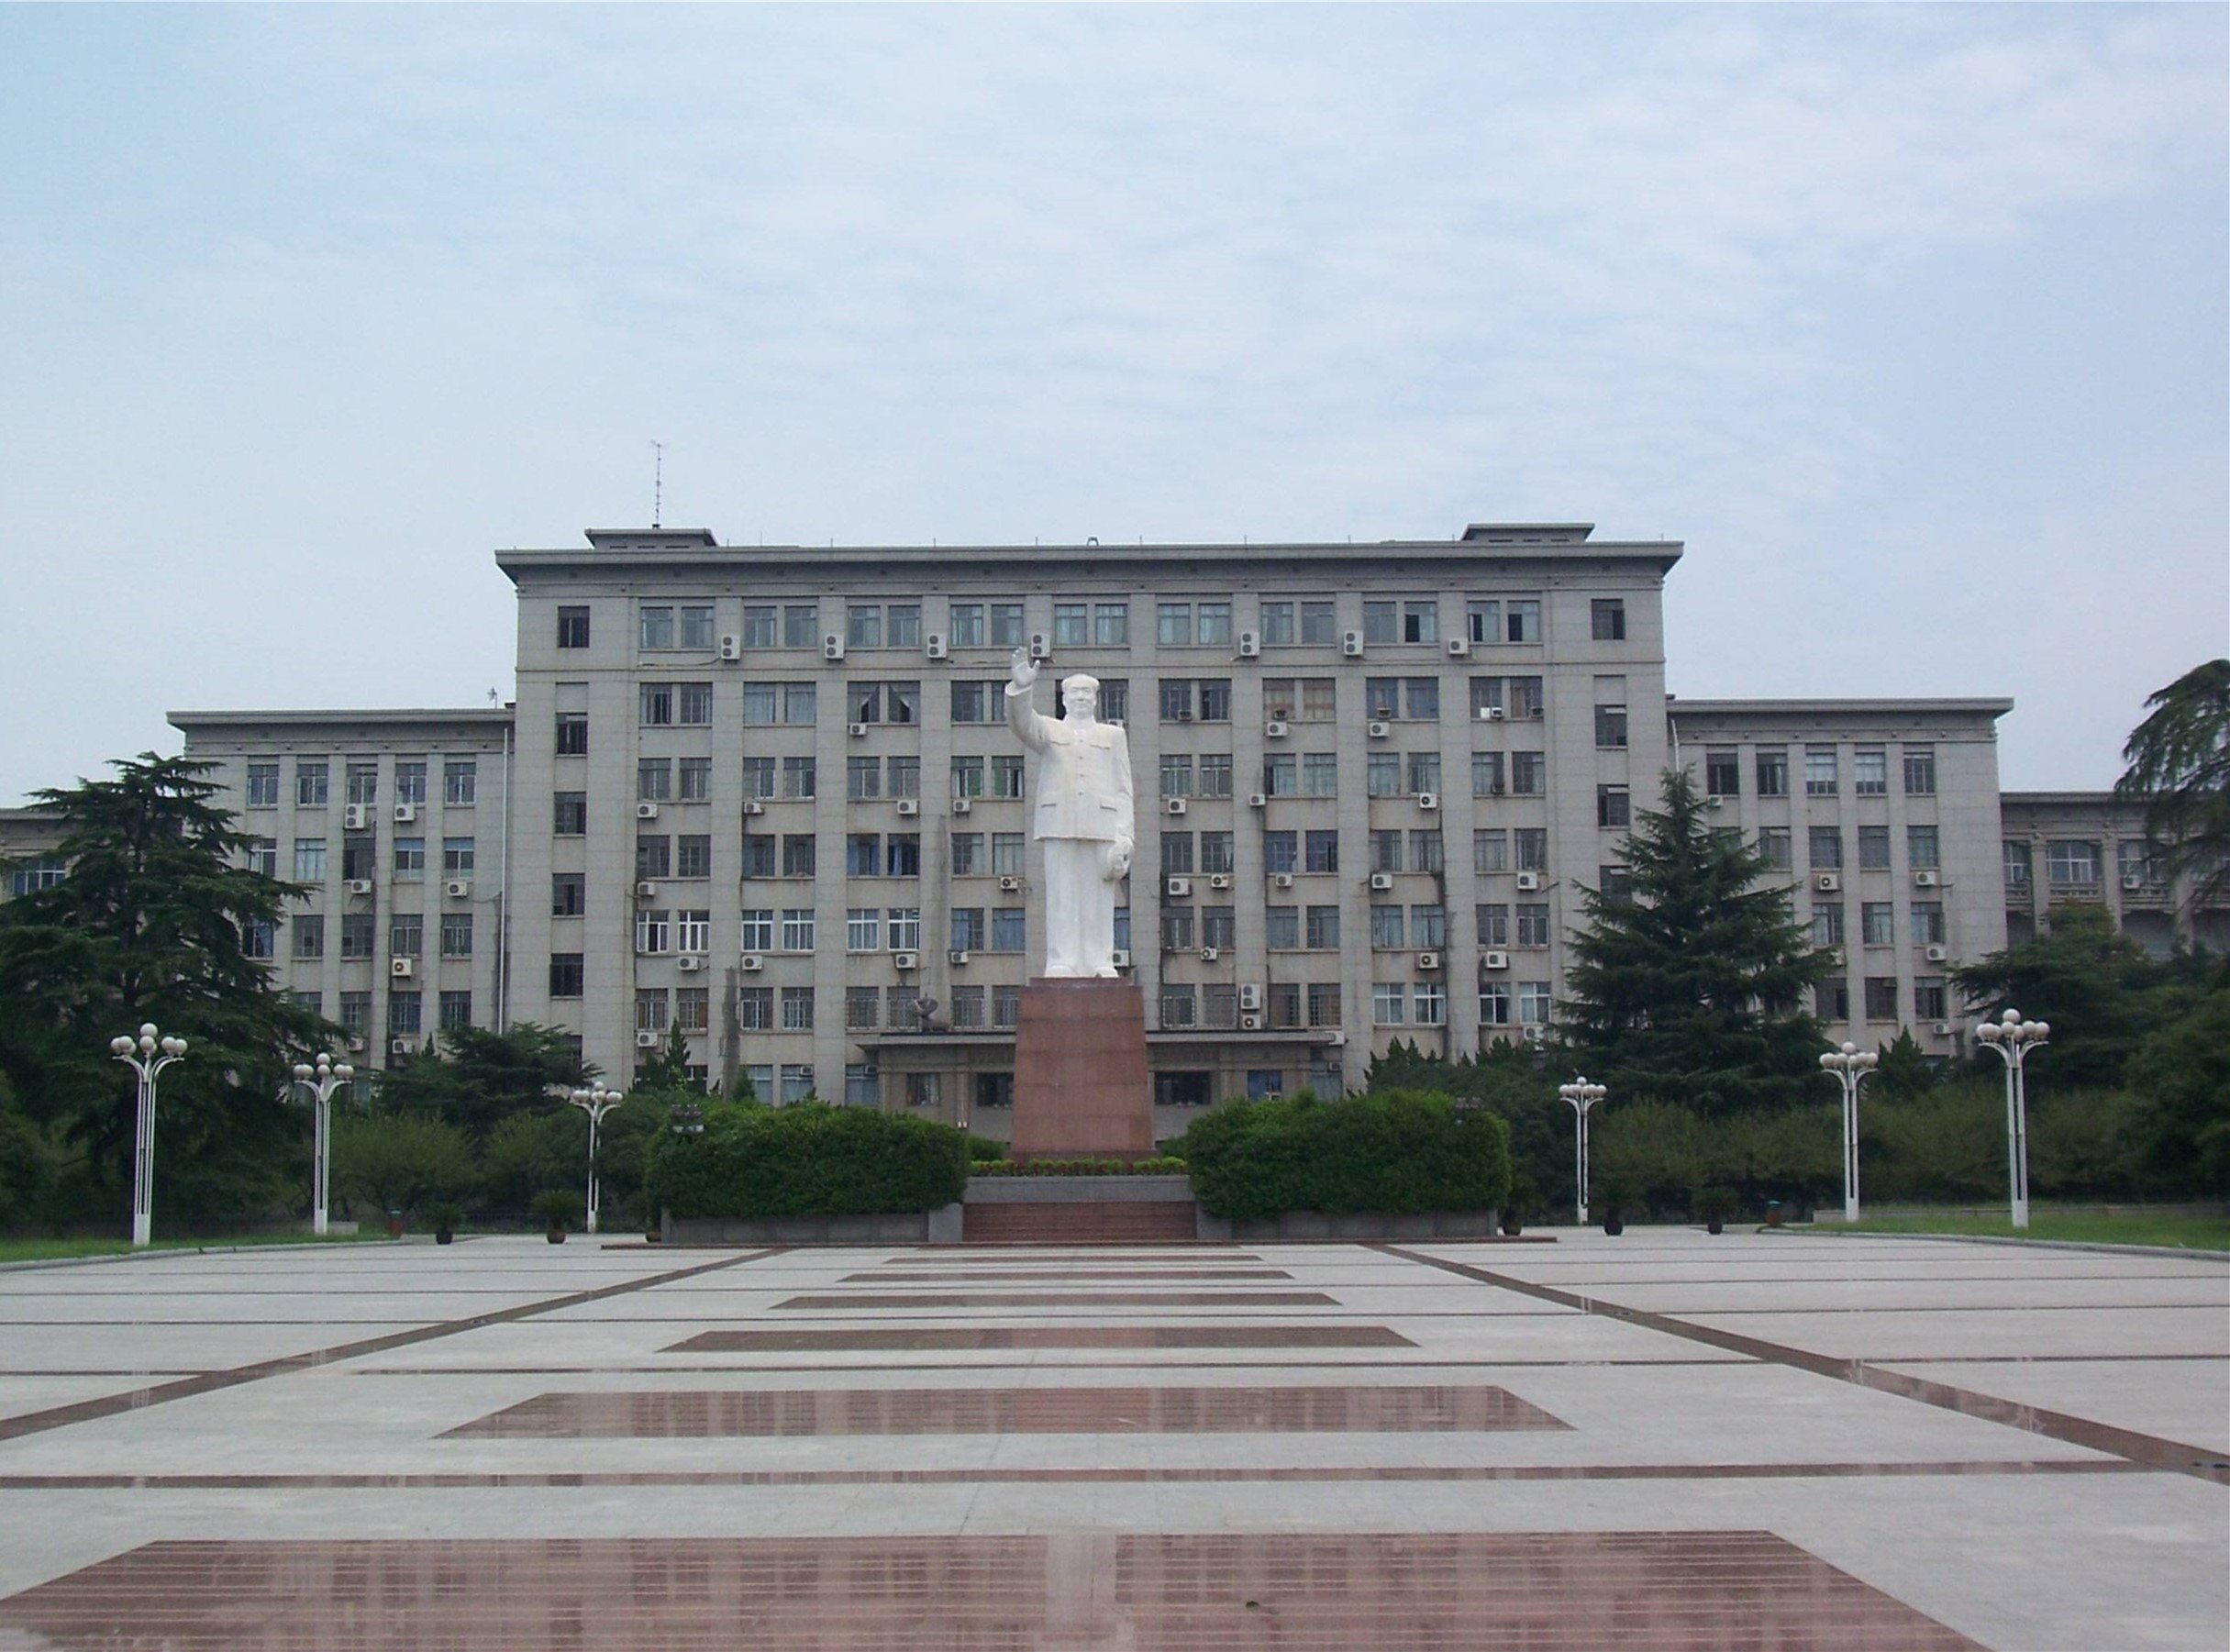 中国拥有大学生最多的城市,大学生人数近120万,不是北京和上海